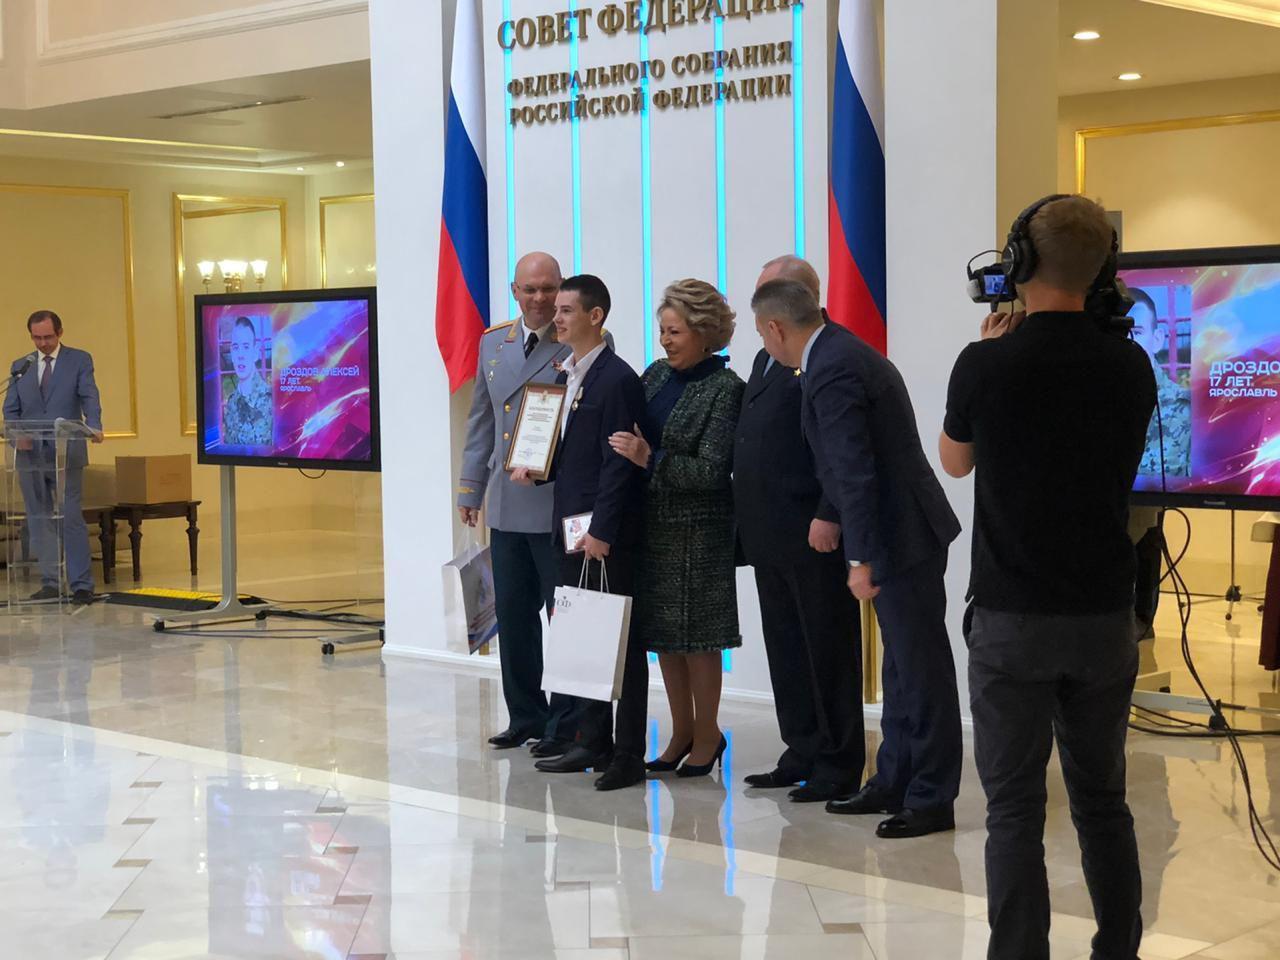 Ярославского подростка наградили в Совете Федерации за спасение женщины от преступника